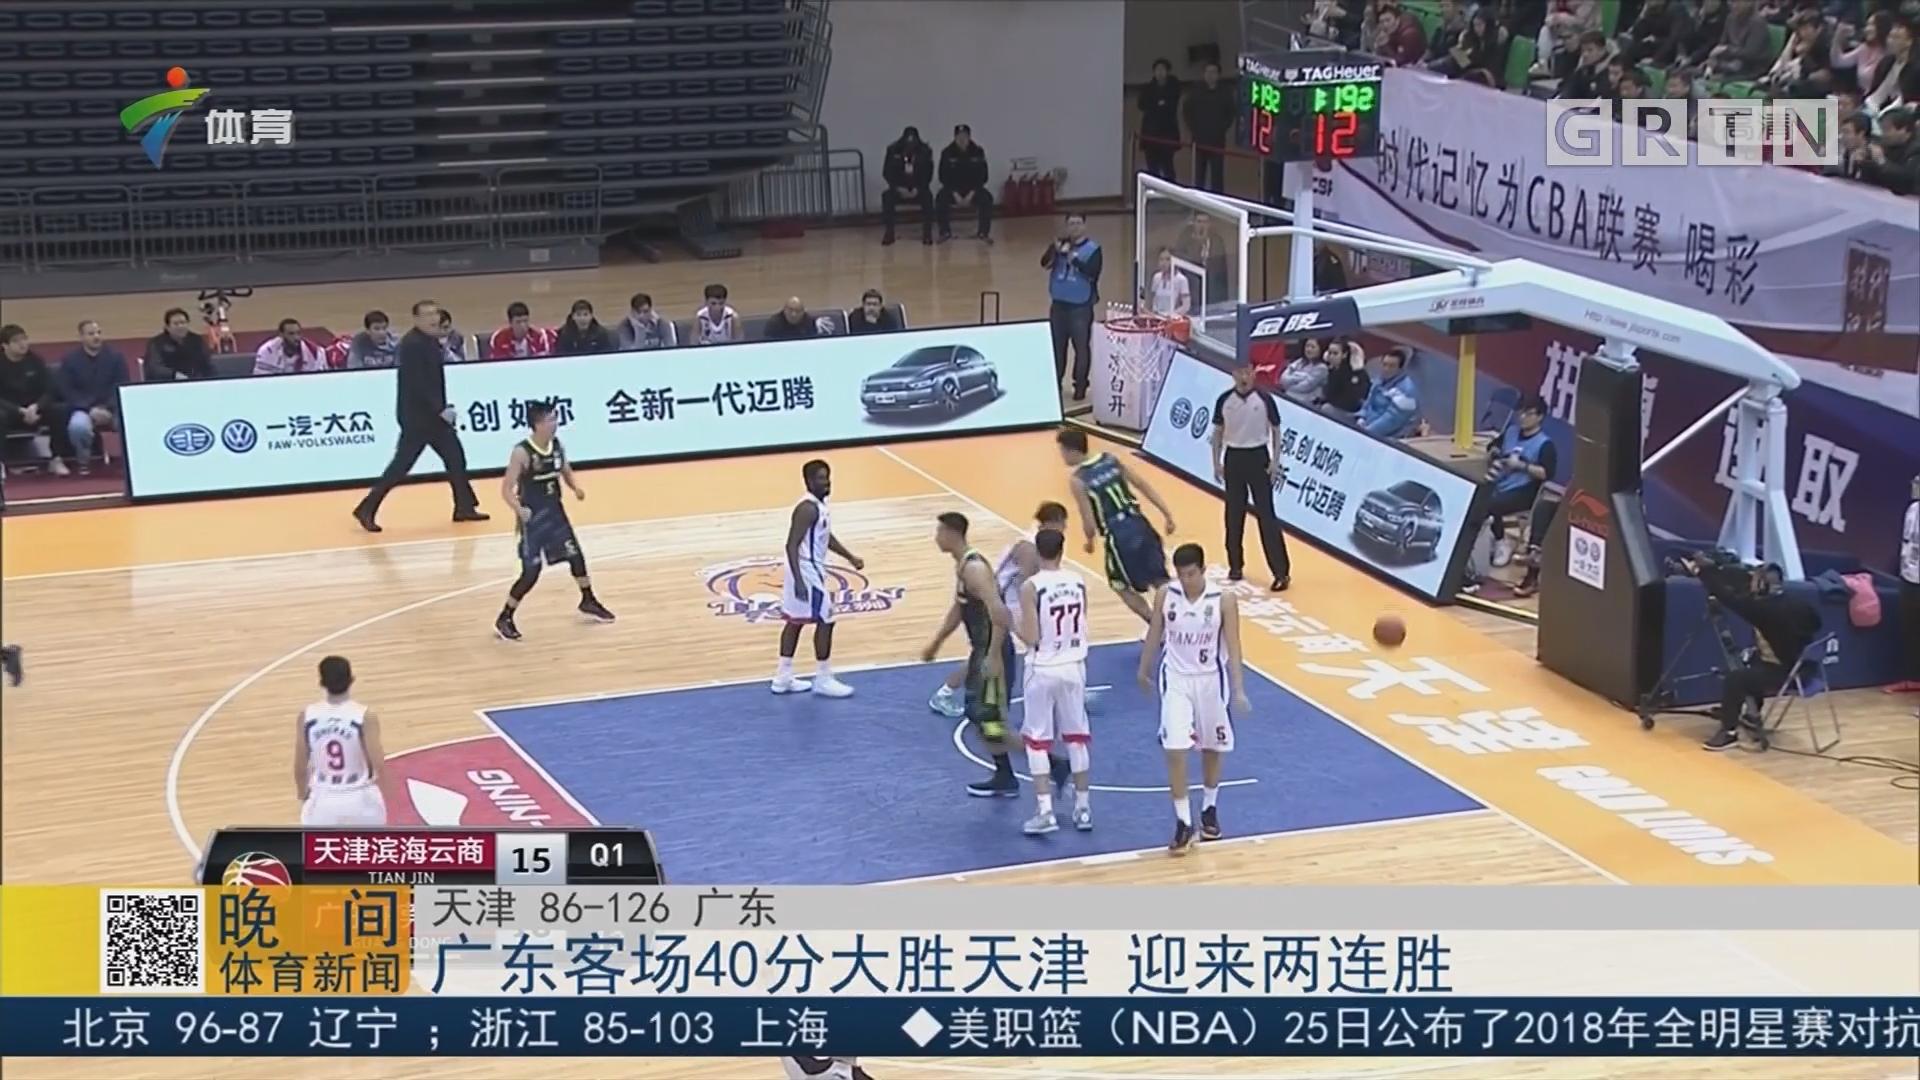 广东客场40分大胜天津 迎来两连胜